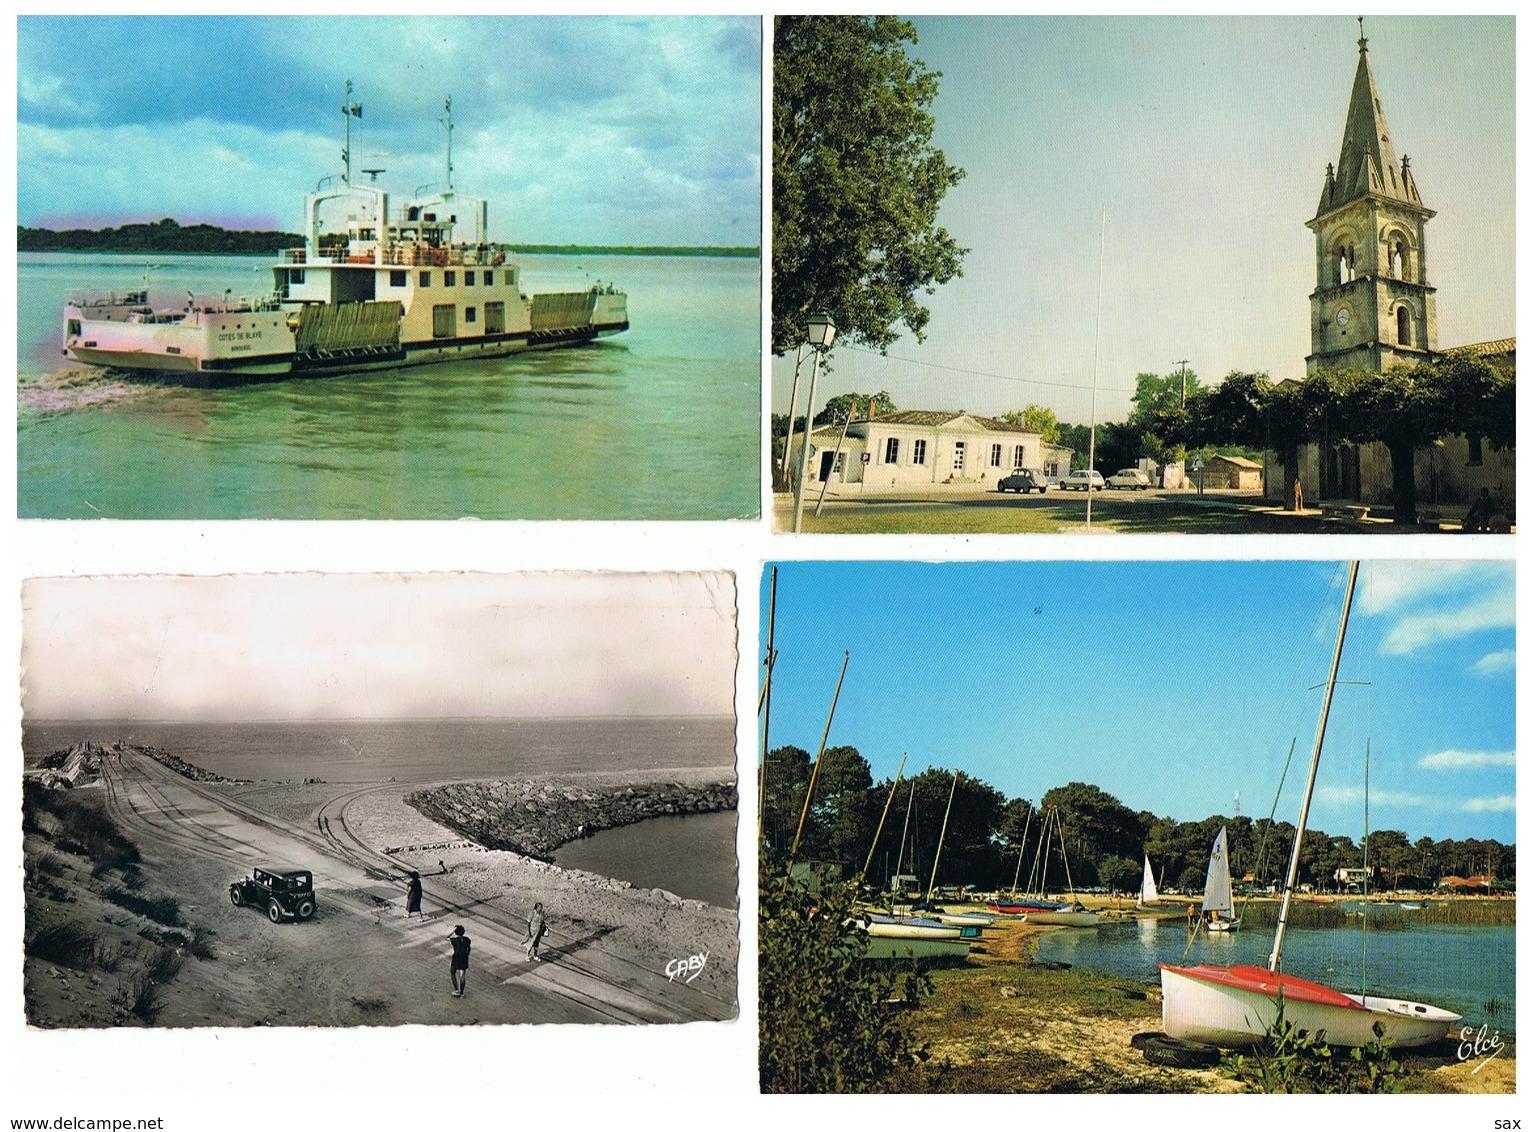 1906-638  7cp Blaye-martignas-pte De Gavres-cazaux-brannes-sauveterre-rauzan  Dep 33  Vente Retirée Le 24-02 - France